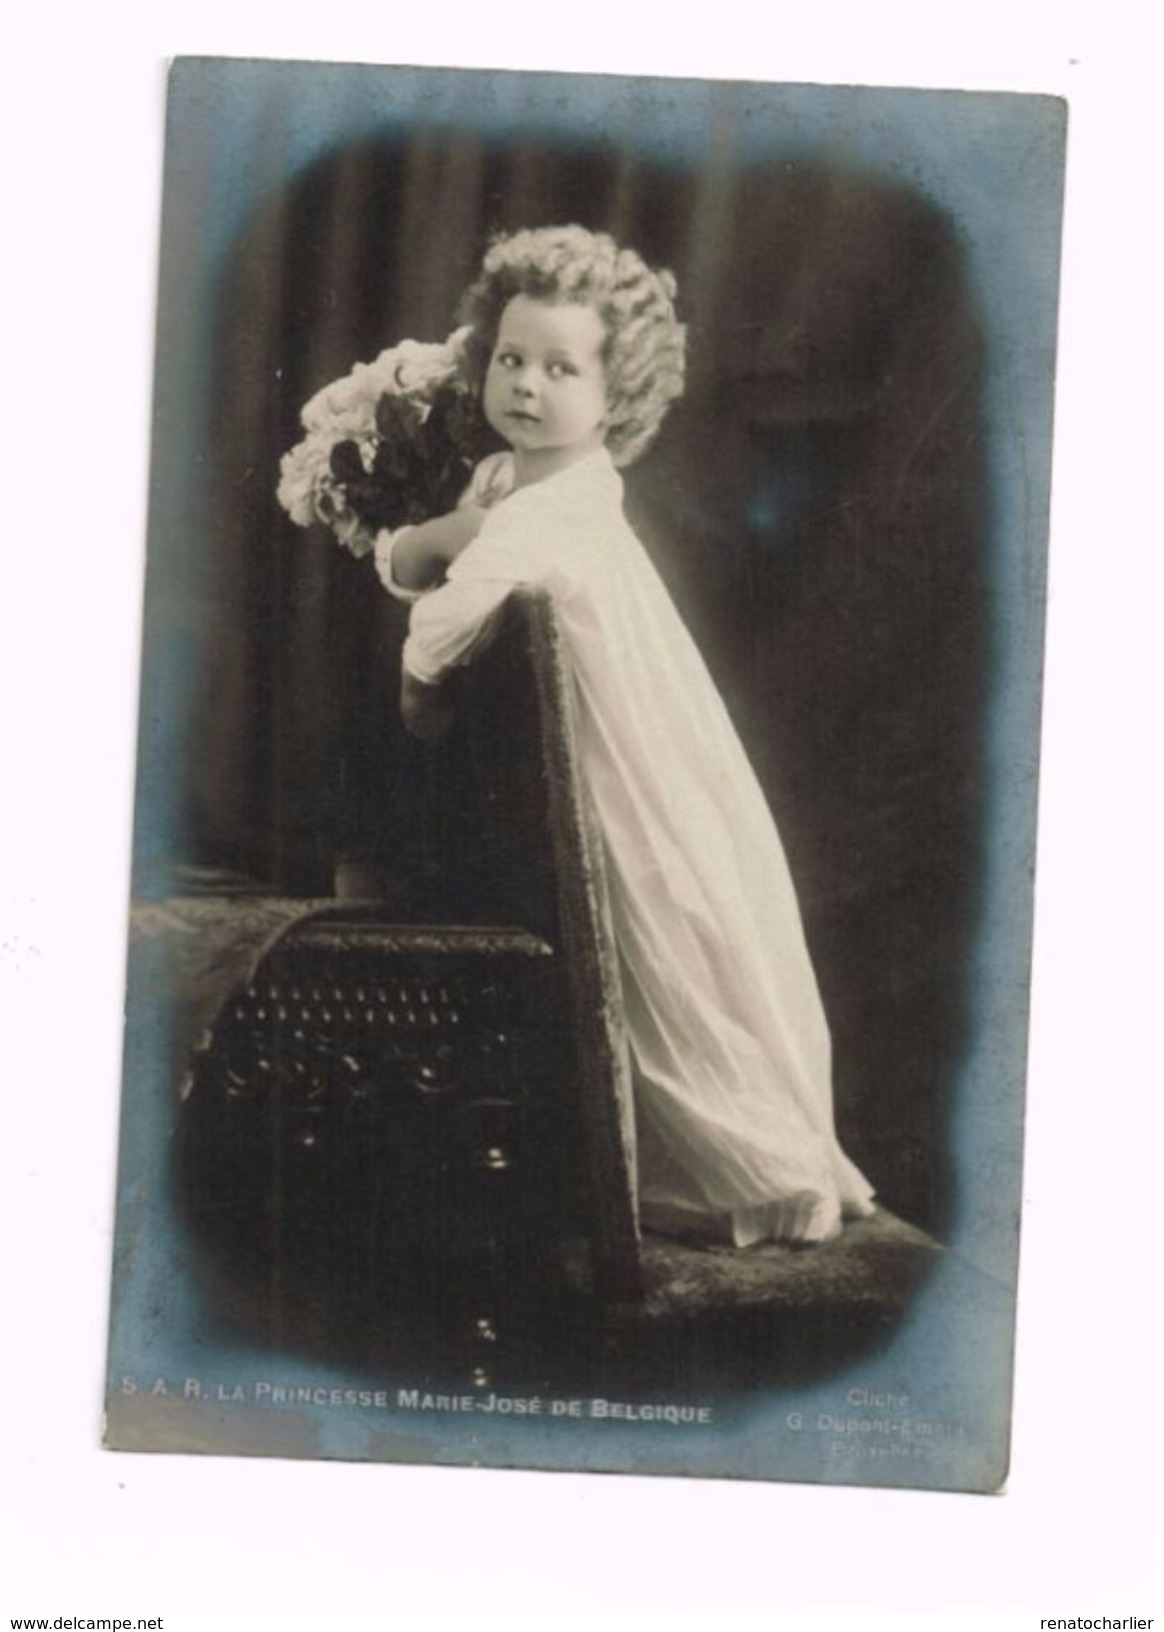 S.A.R. La Princesse Marie-José De Belgique. - Familles Royales